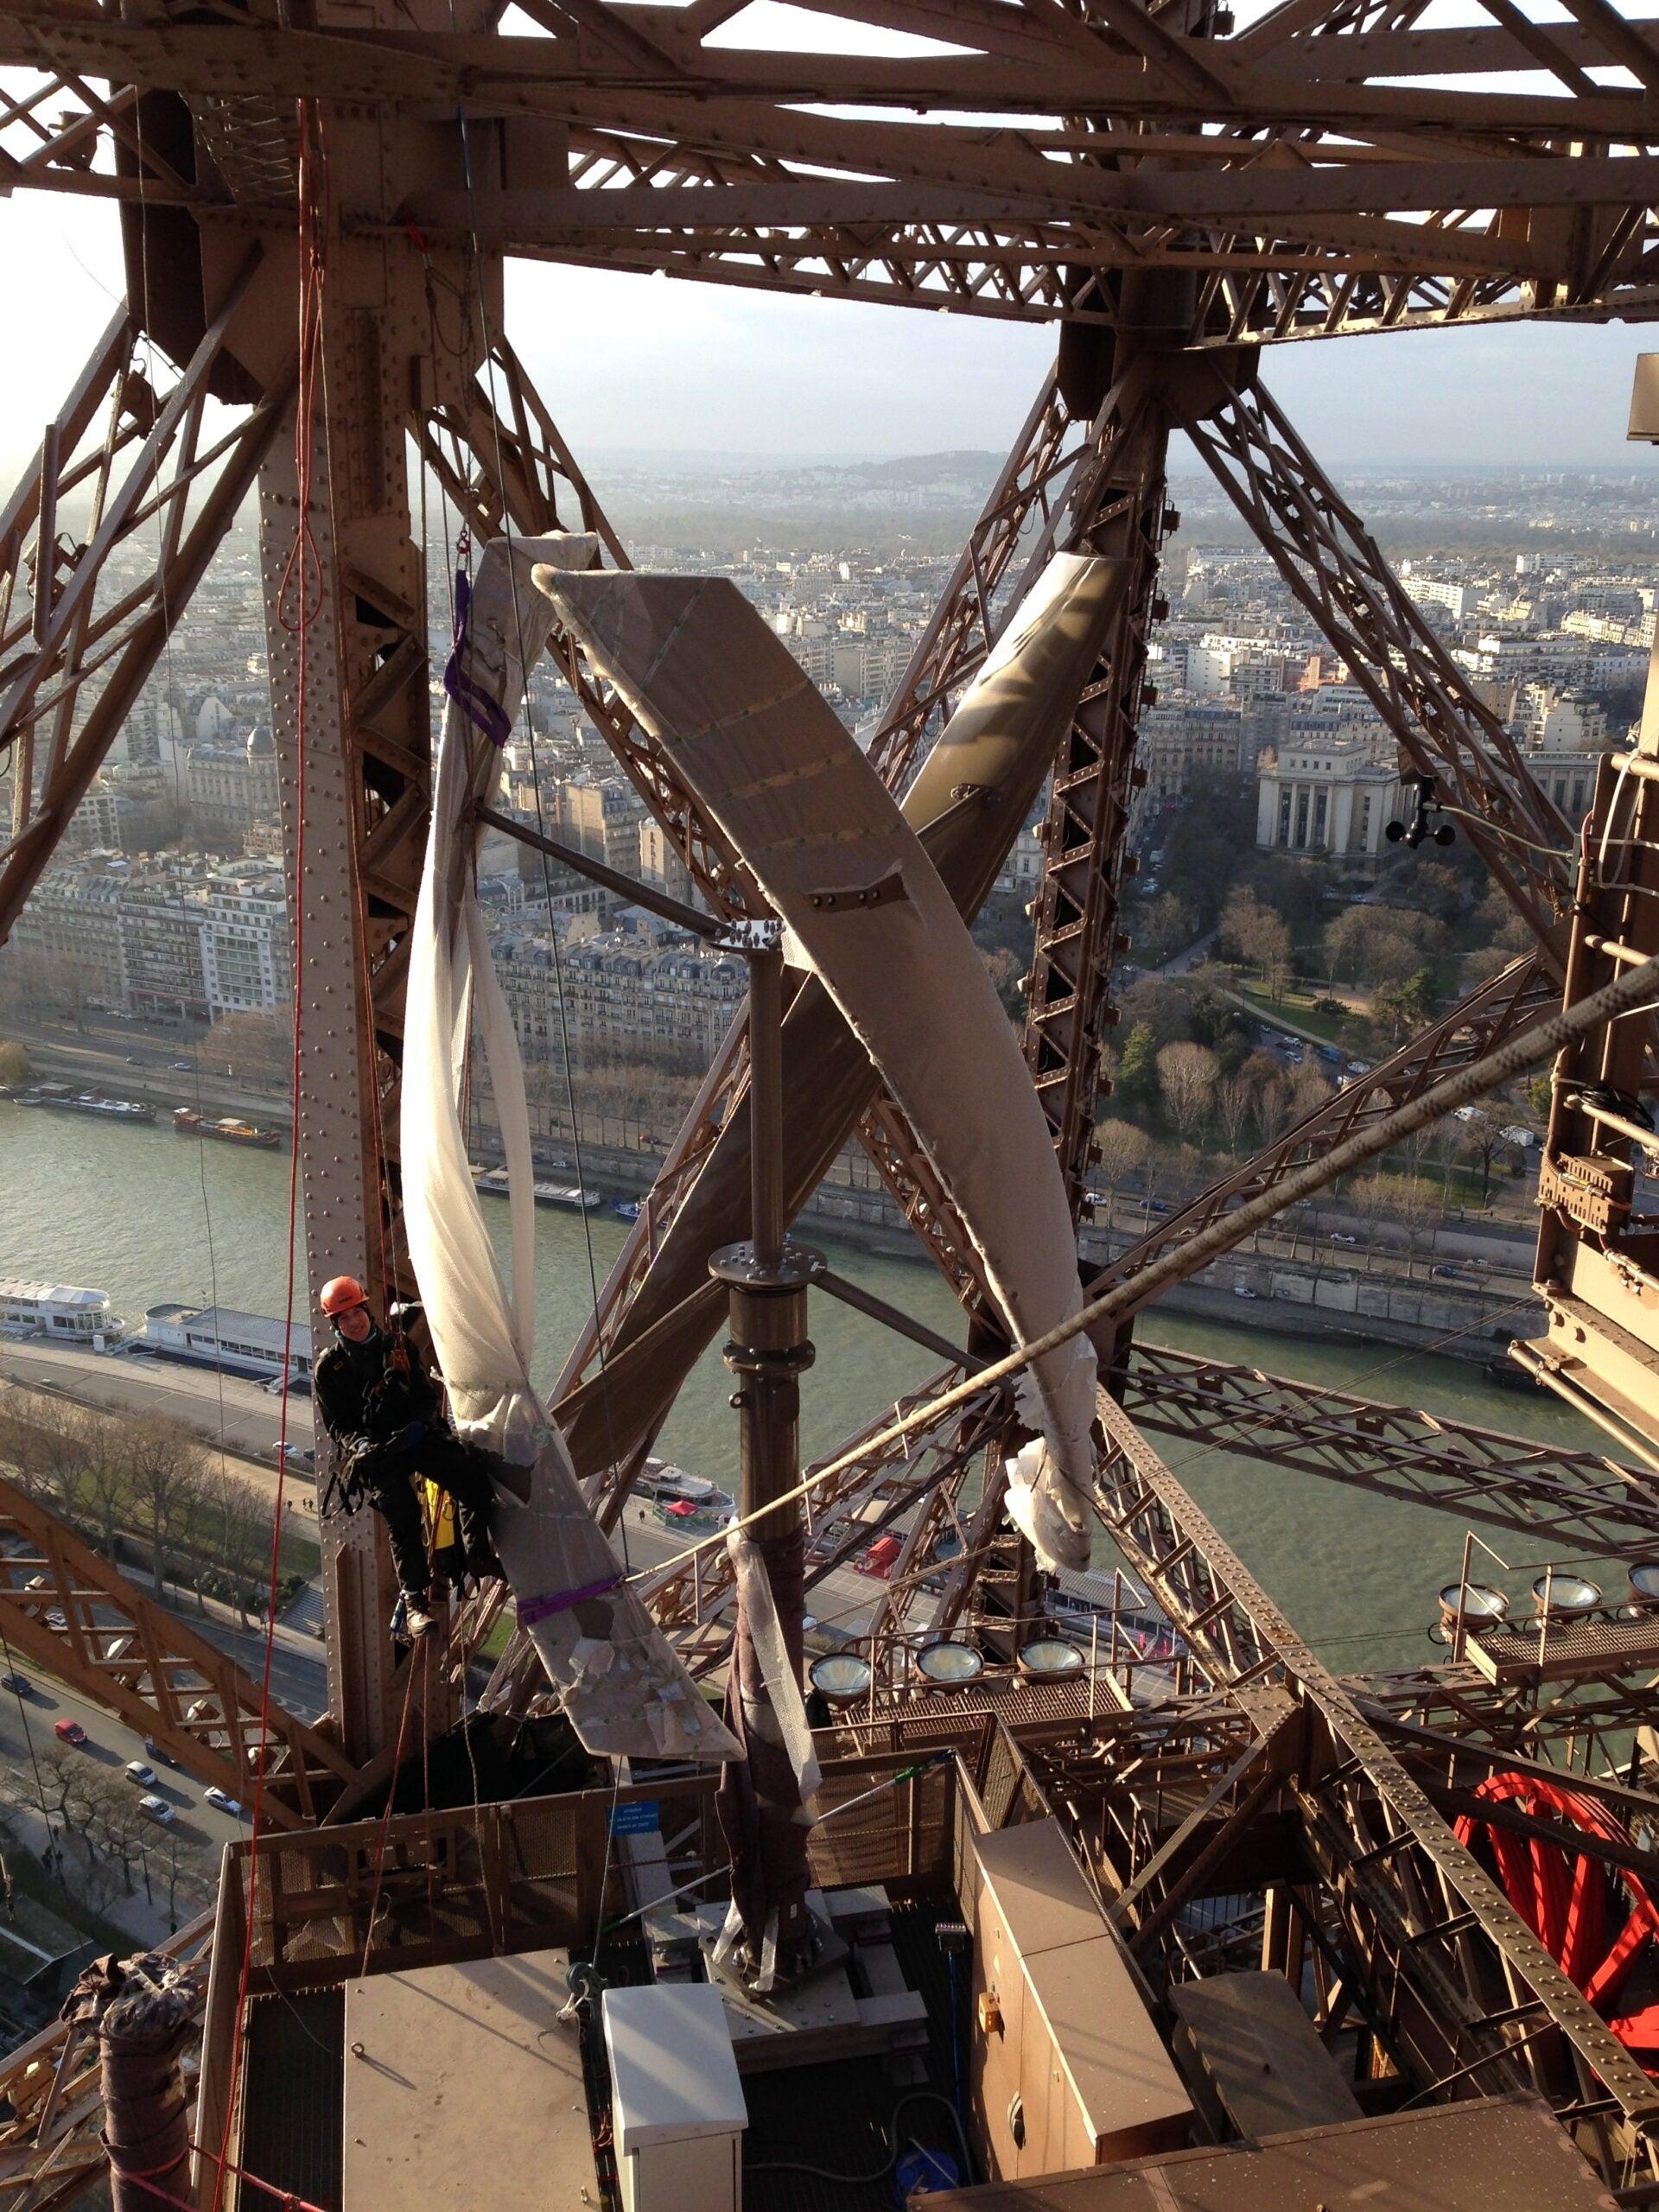 Installing Eiffel Tower's Wind Turbines